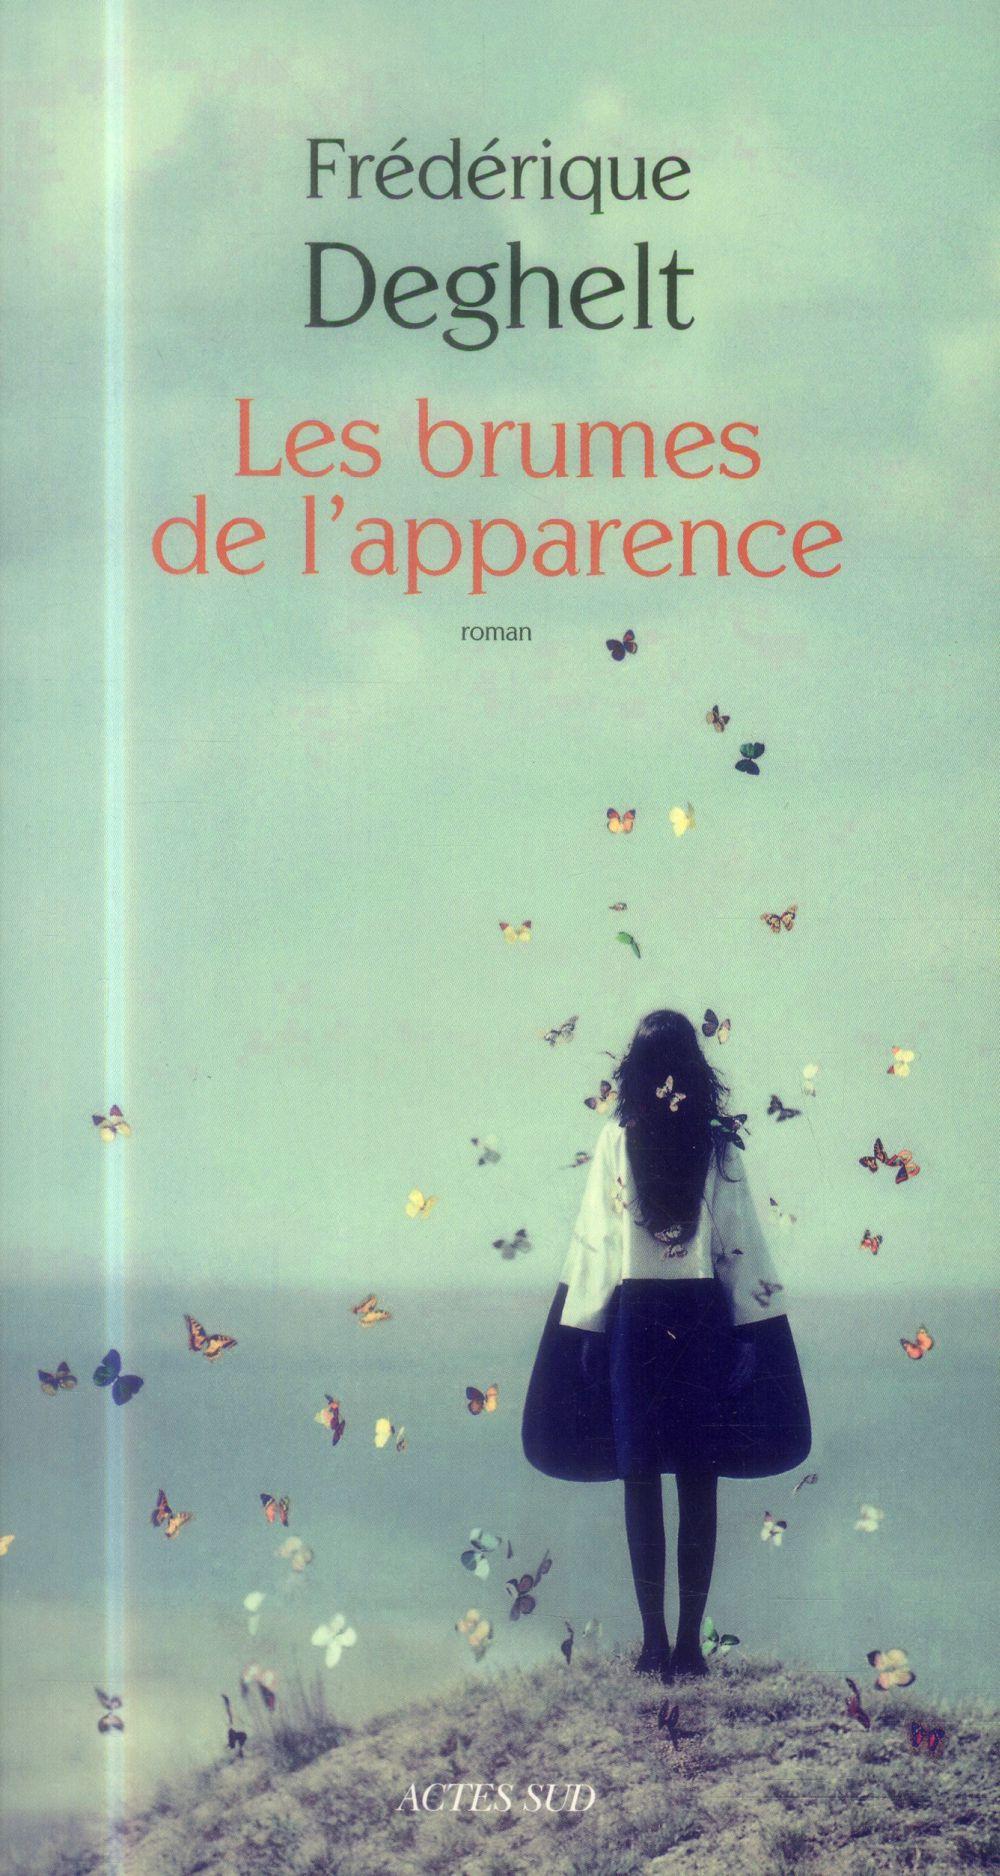 brumes de l'apparence (Les ) : roman | Deghelt, Fredérique. Auteur